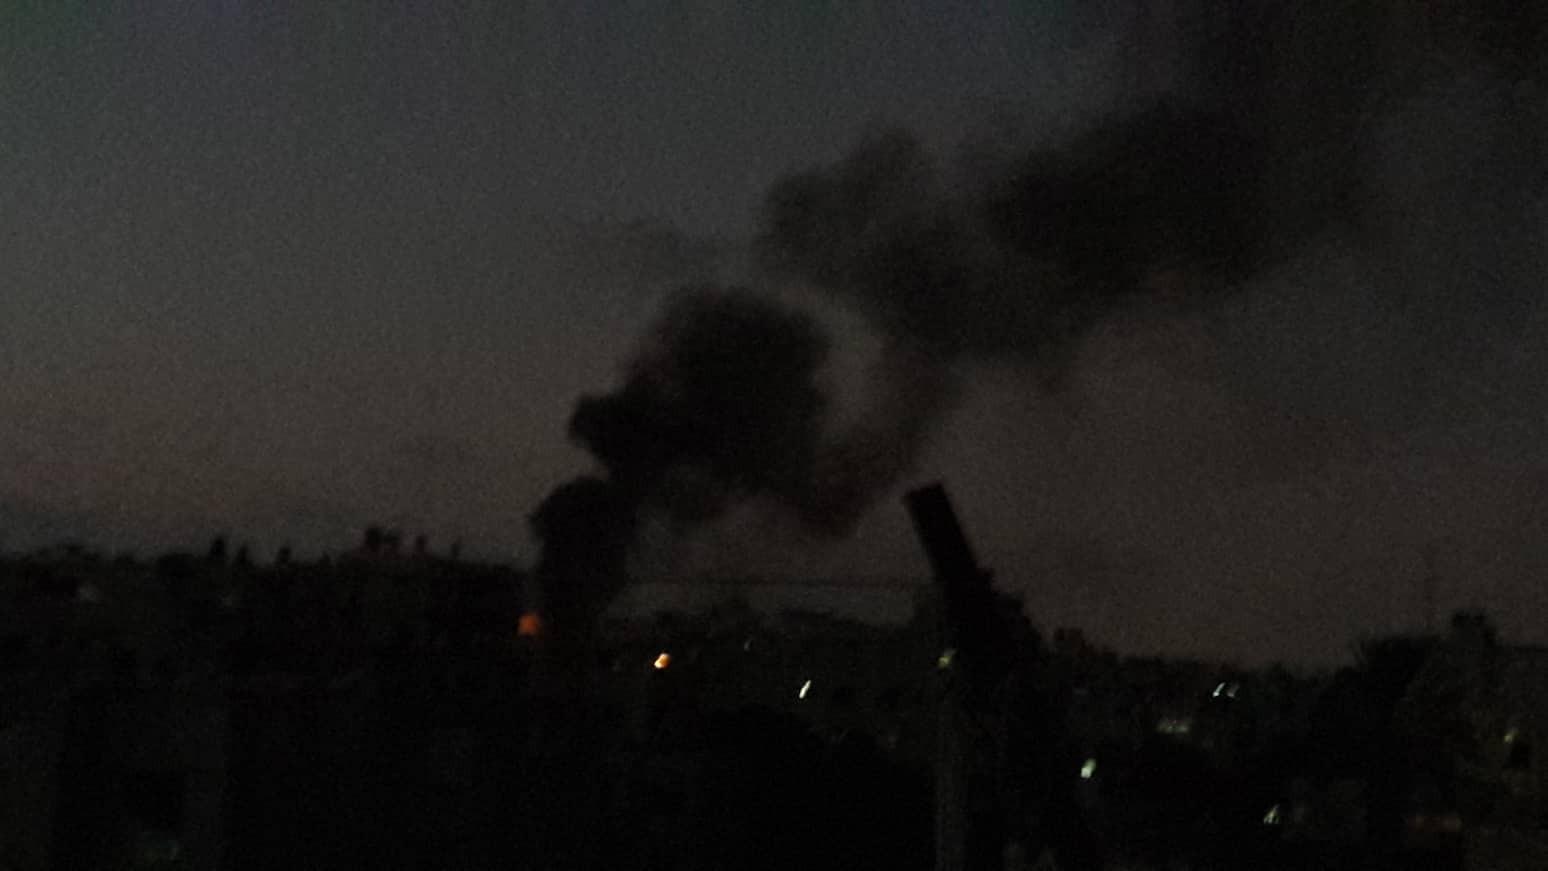 بالصور: نشوب حريق في مولدات الكهرباء في شارع اليرموك غرب مدينة غزة